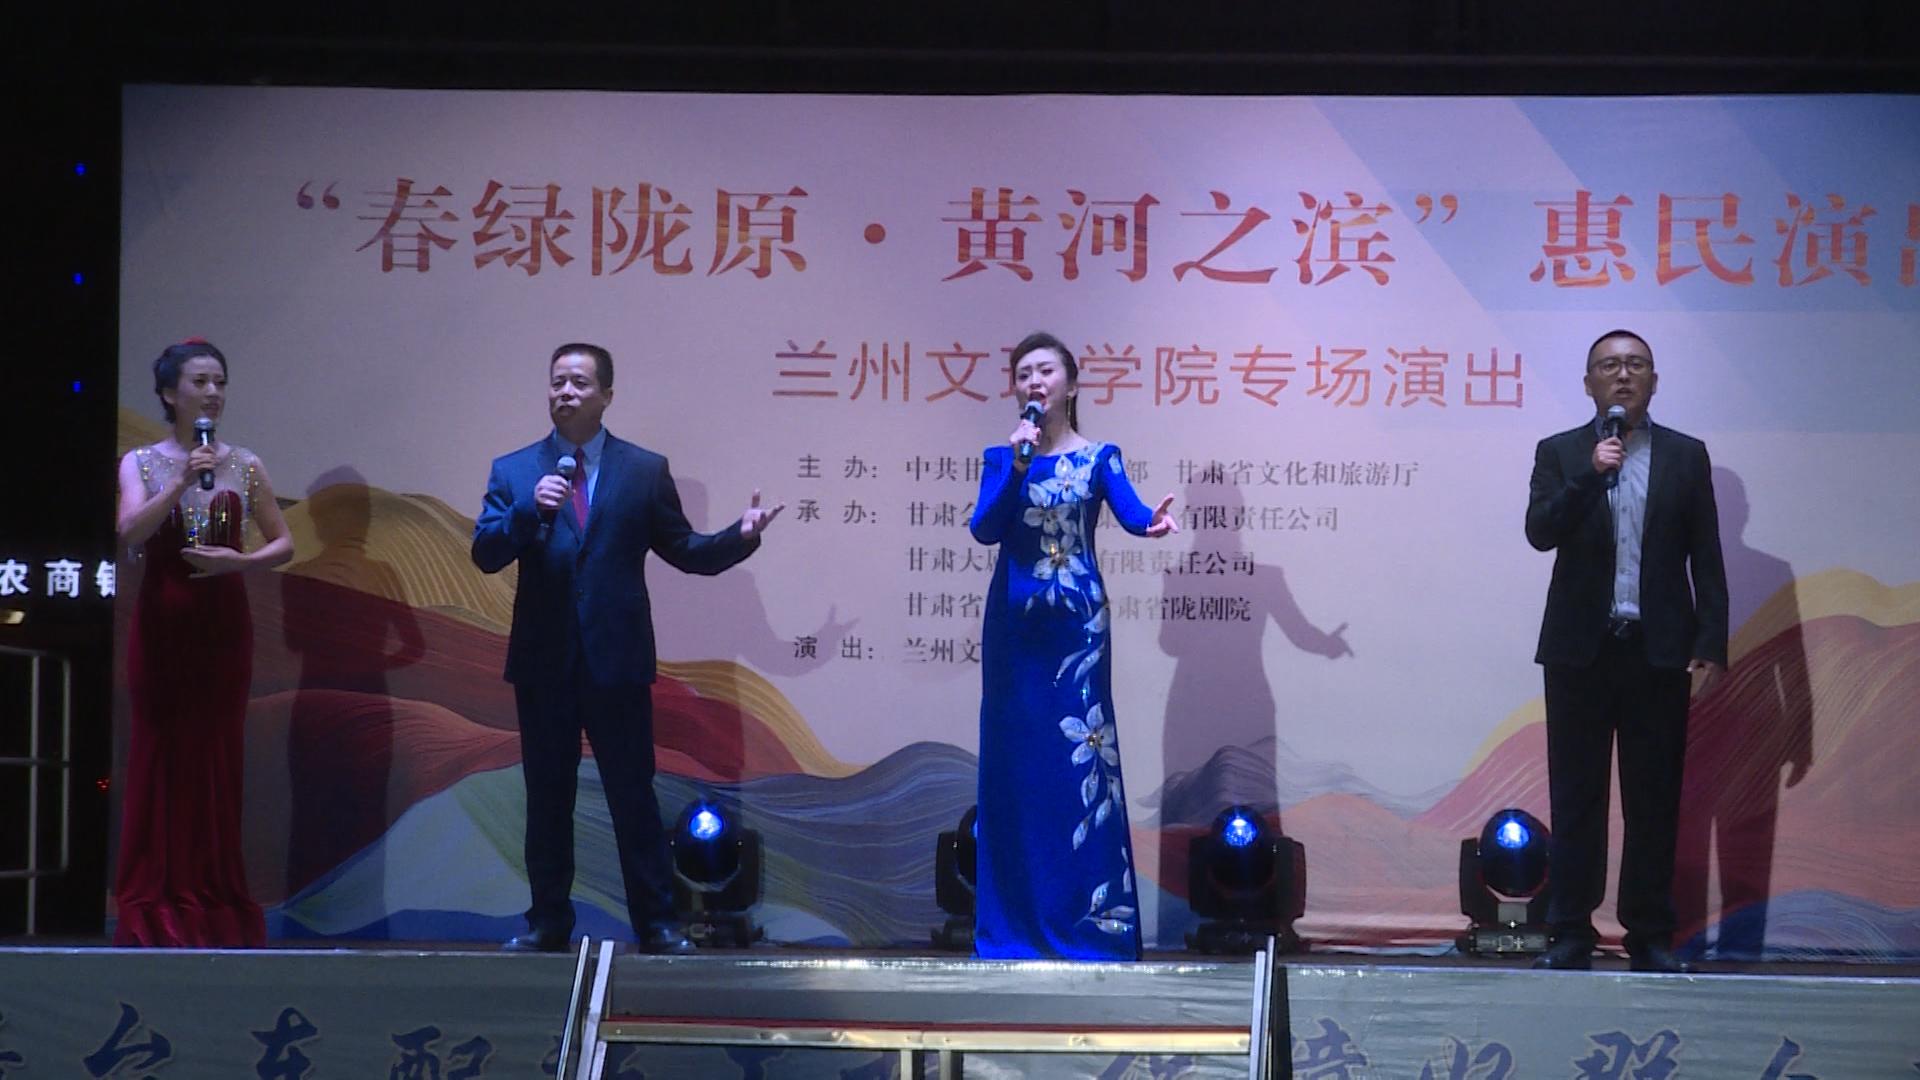 男女声四重唱《节日欢歌》震撼你的耳!